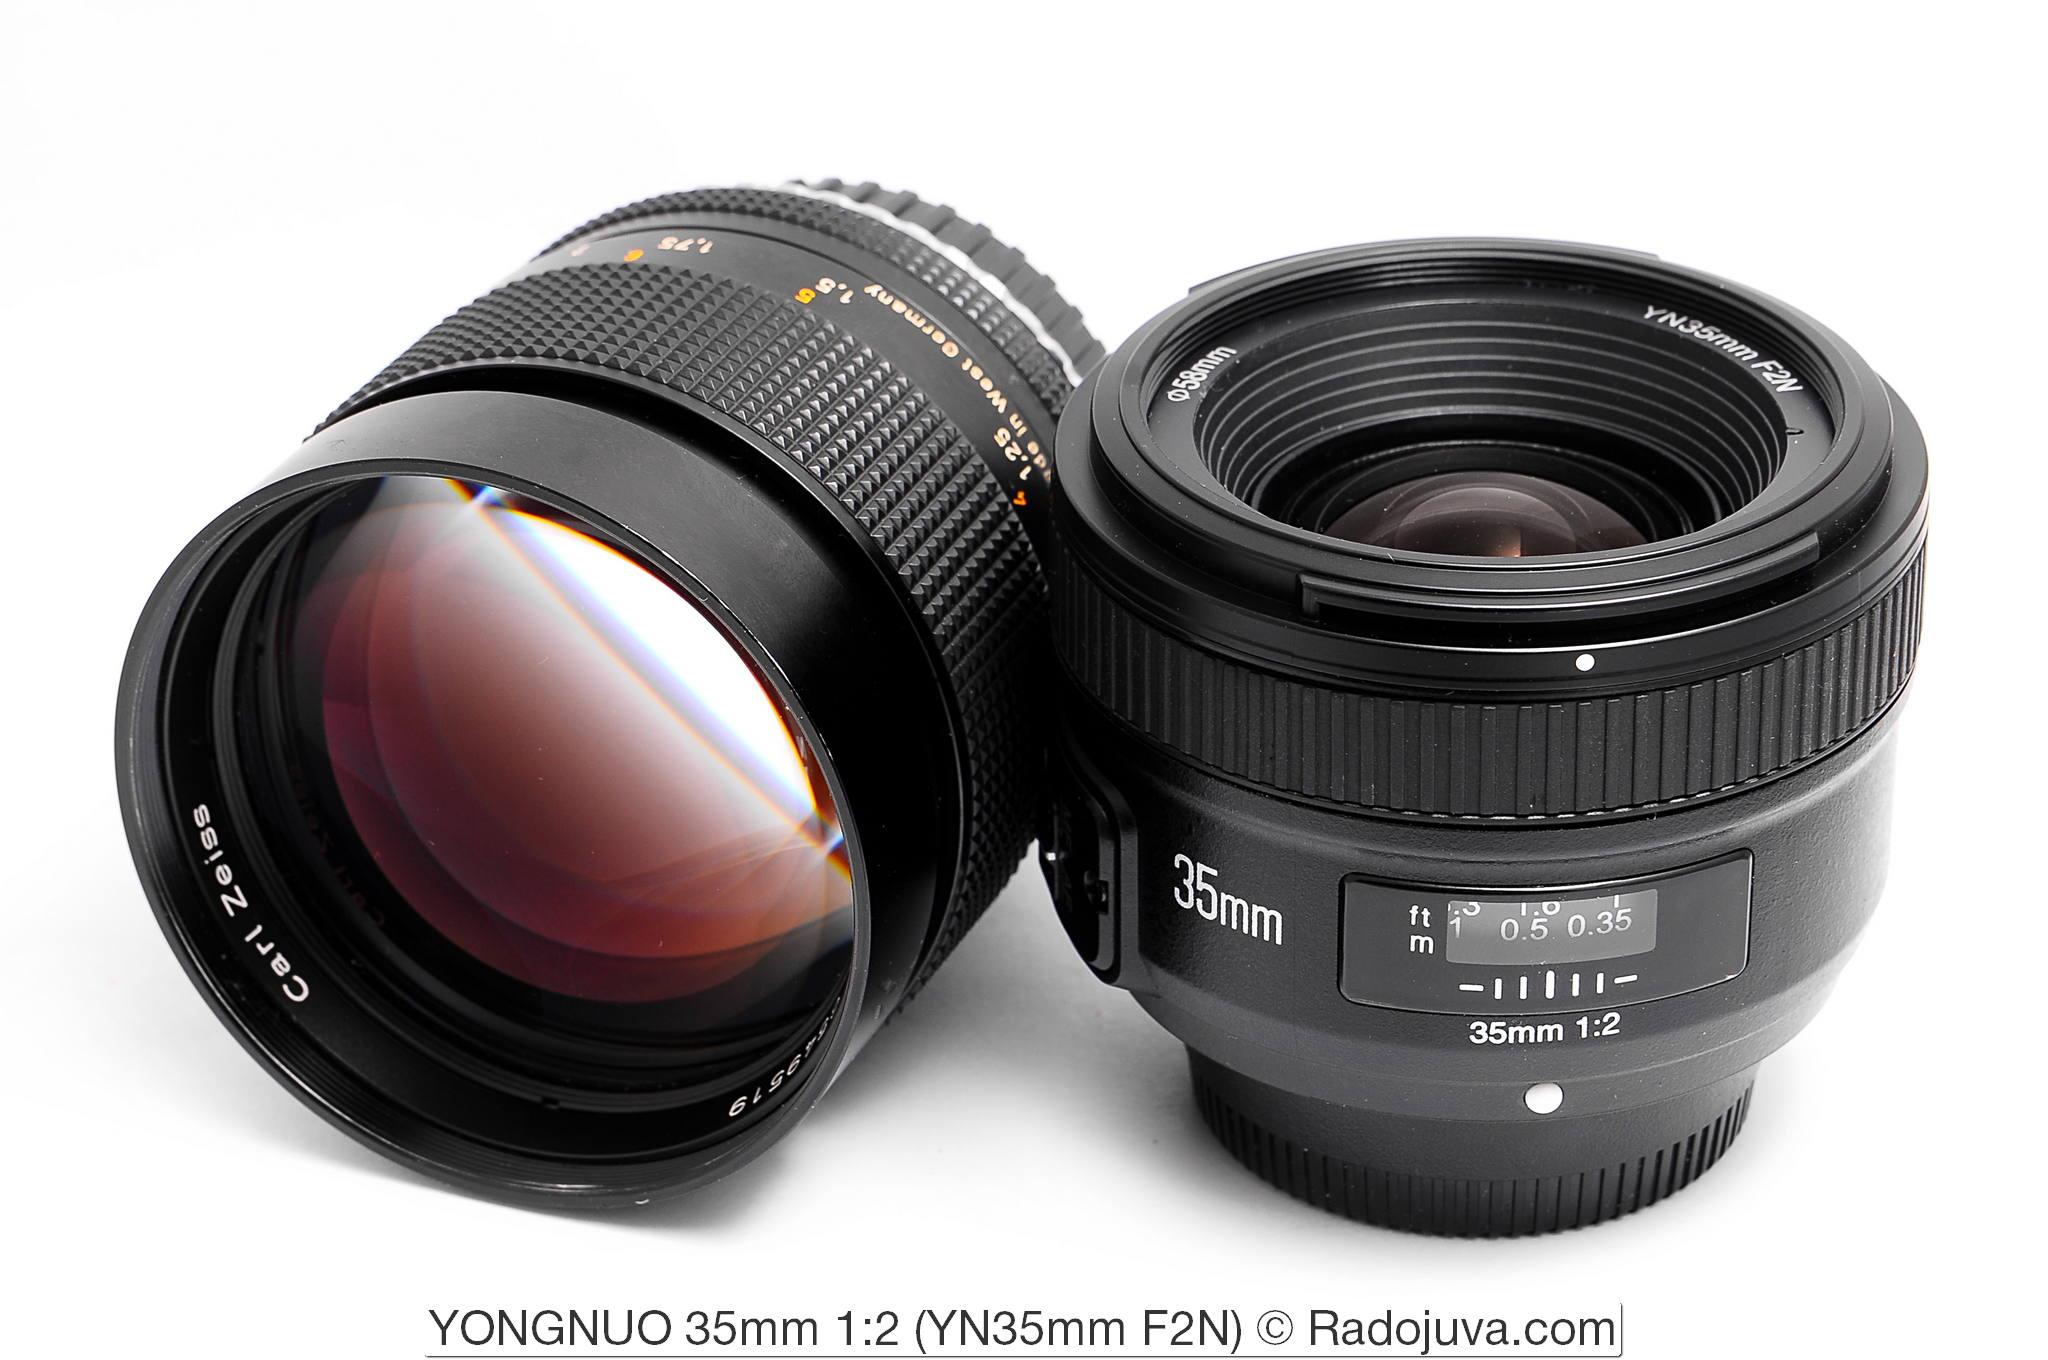 Благородный Carl Zeiss Planar 1,4/85 T* (Lens made in West Germany, C/Y) и простенький YONGNUO 35mm f/2 (YN35mm F2N)